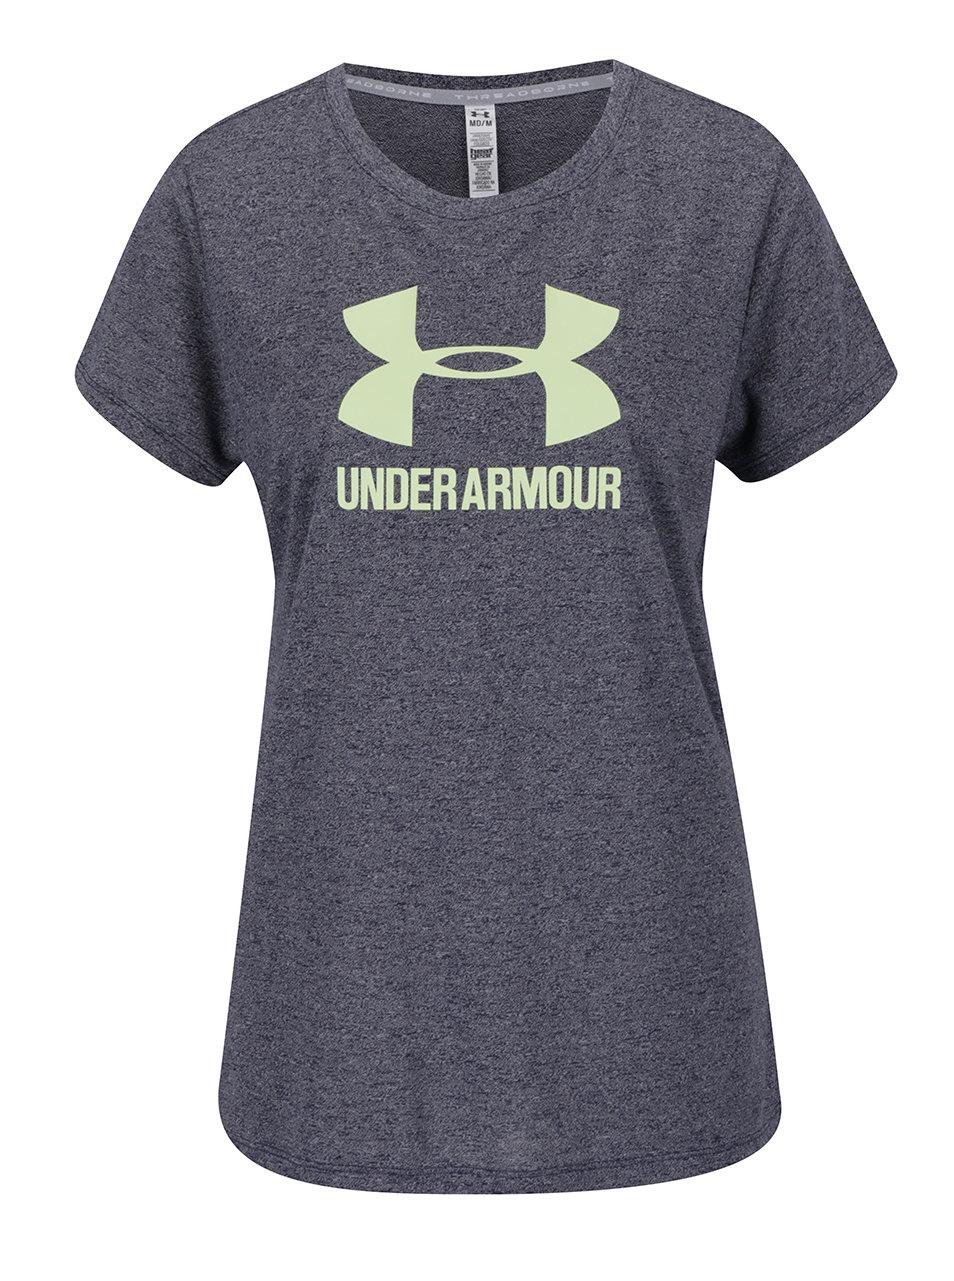 c1f3fc640c90 Modré dámske žíhané funkčné tričko Under Armour Threadborne ...